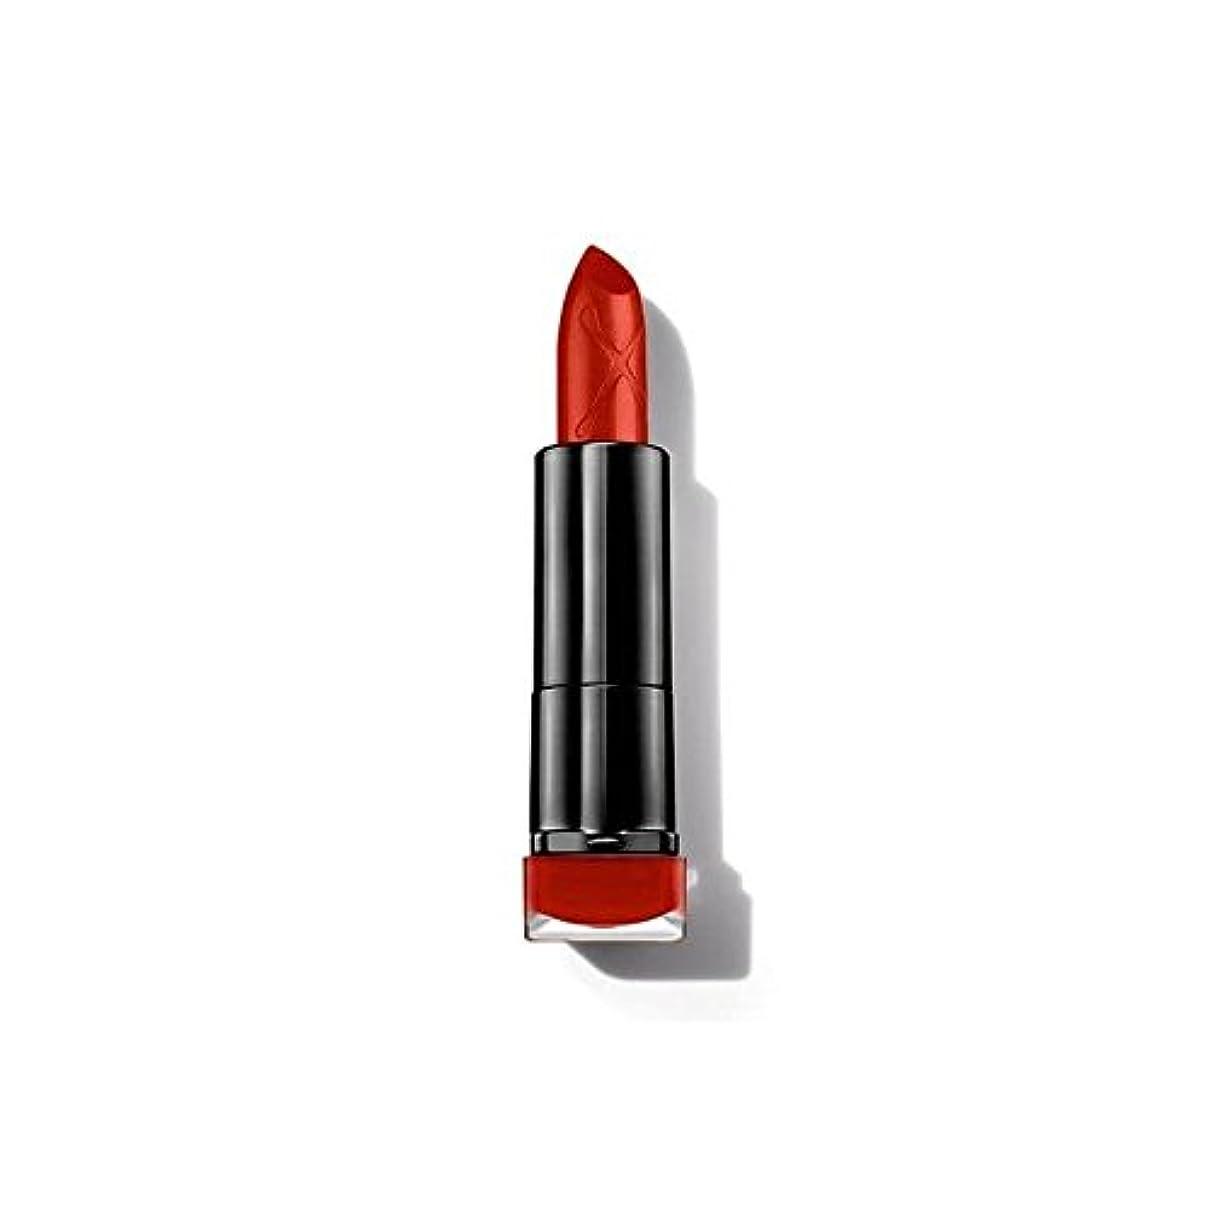 気付く読みやすいアブストラクトマックスファクターカラーエリキシルマット弾丸口紅の願望30 x2 - Max Factor Colour Elixir Matte Bullet Lipstick Desire 30 (Pack of 2) [並行輸入品]